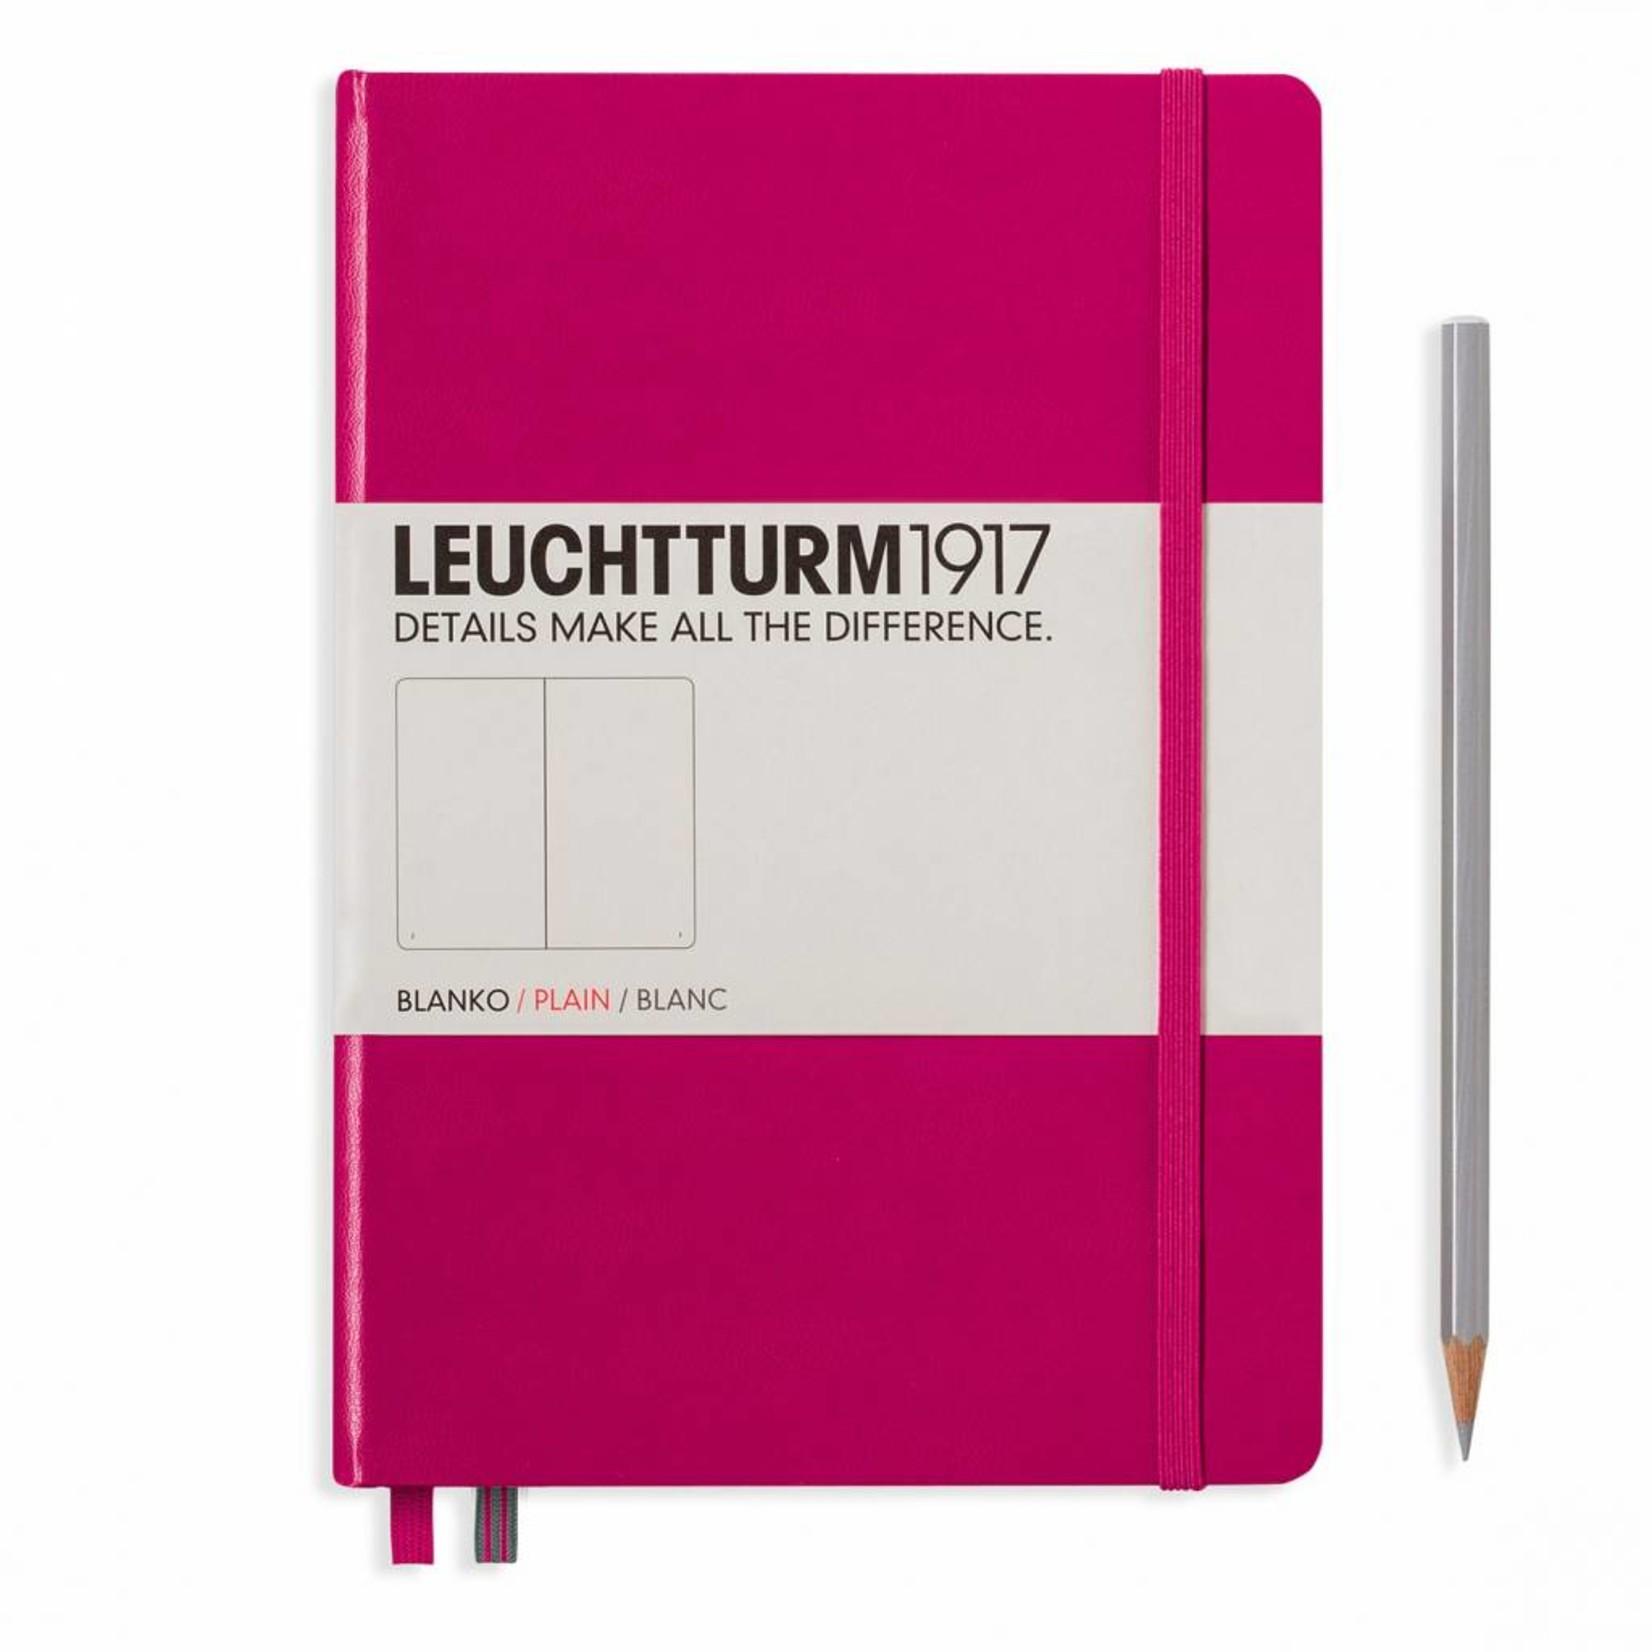 Leuchtturm1917 Leuchtturm1917 Notizbuch, Medium, Beere, Blanko